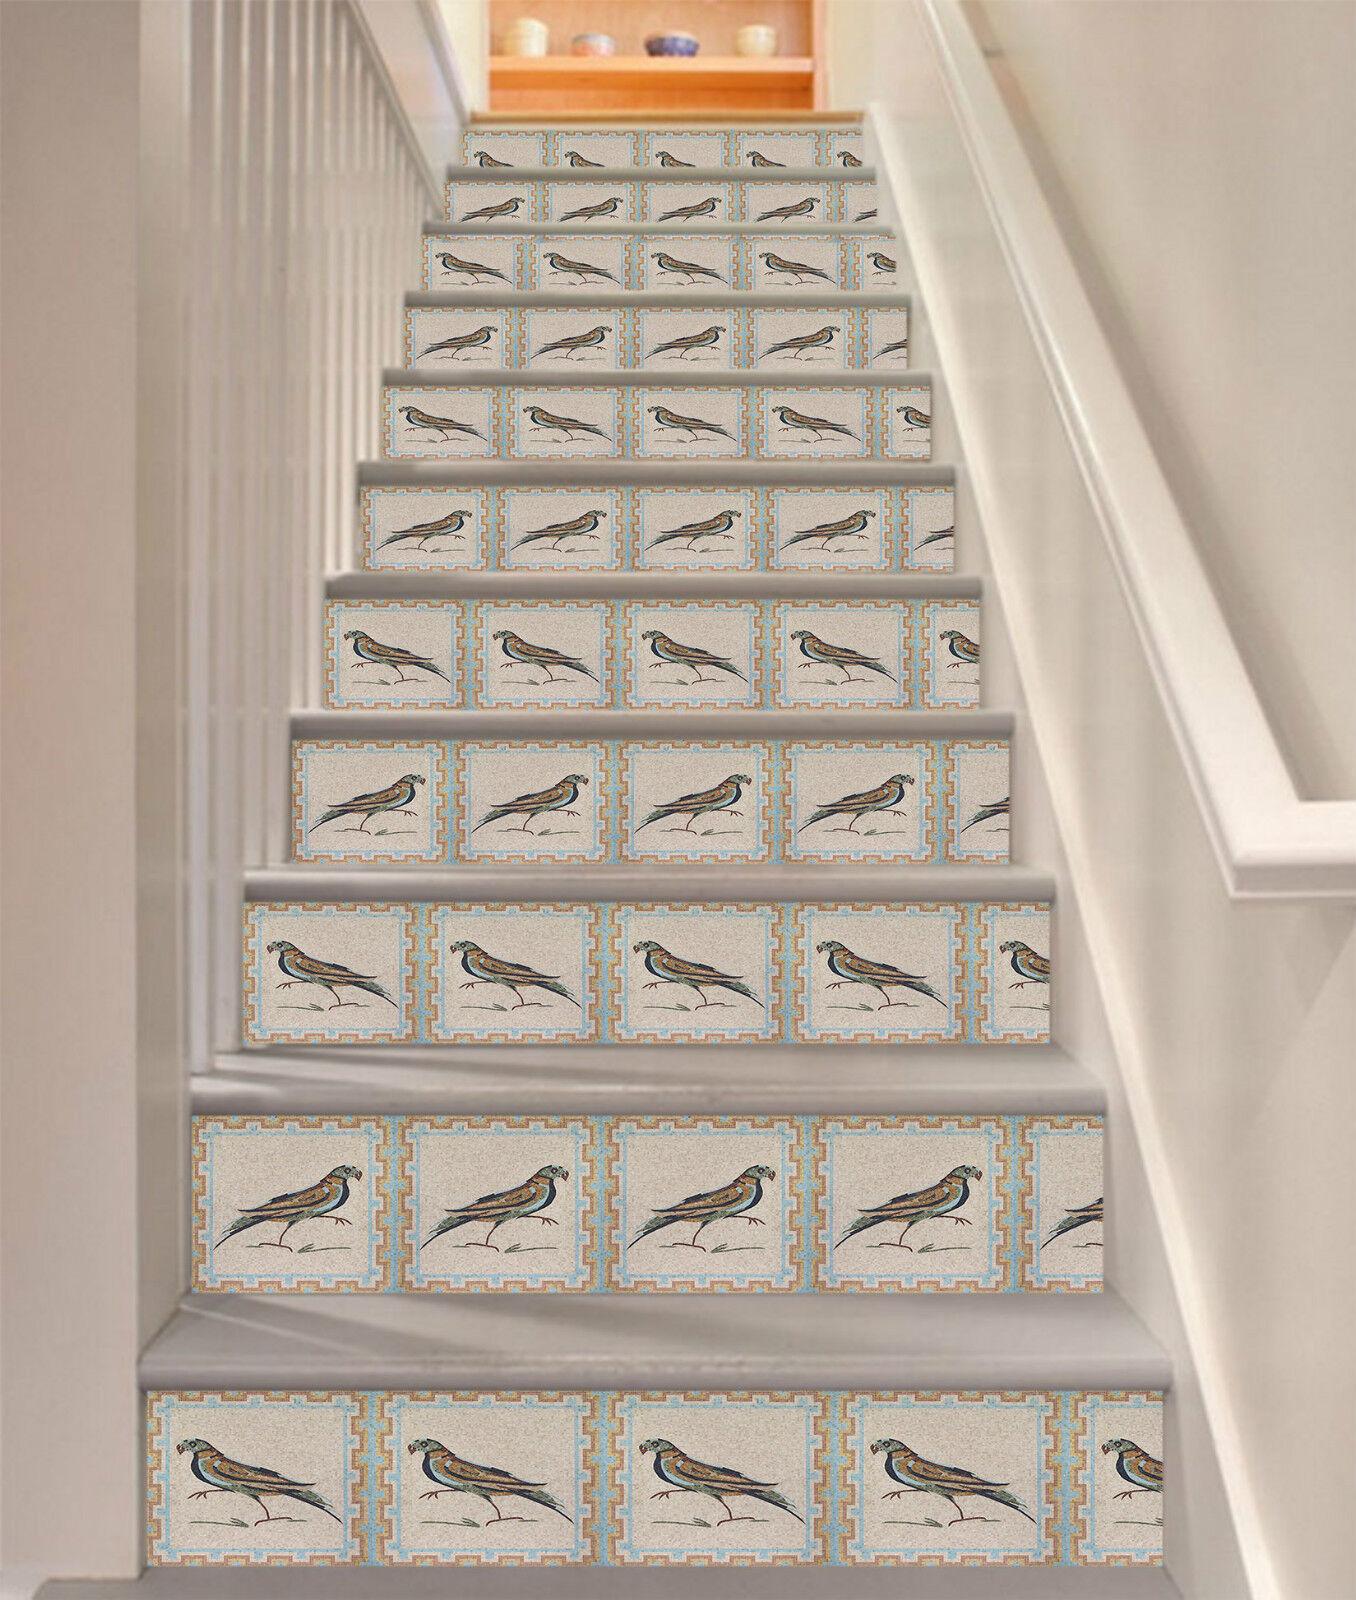 3D Vögel 475 Stair Riser Dekoration Fototapete Vinyl Aufkleber Tapete DE Lemon